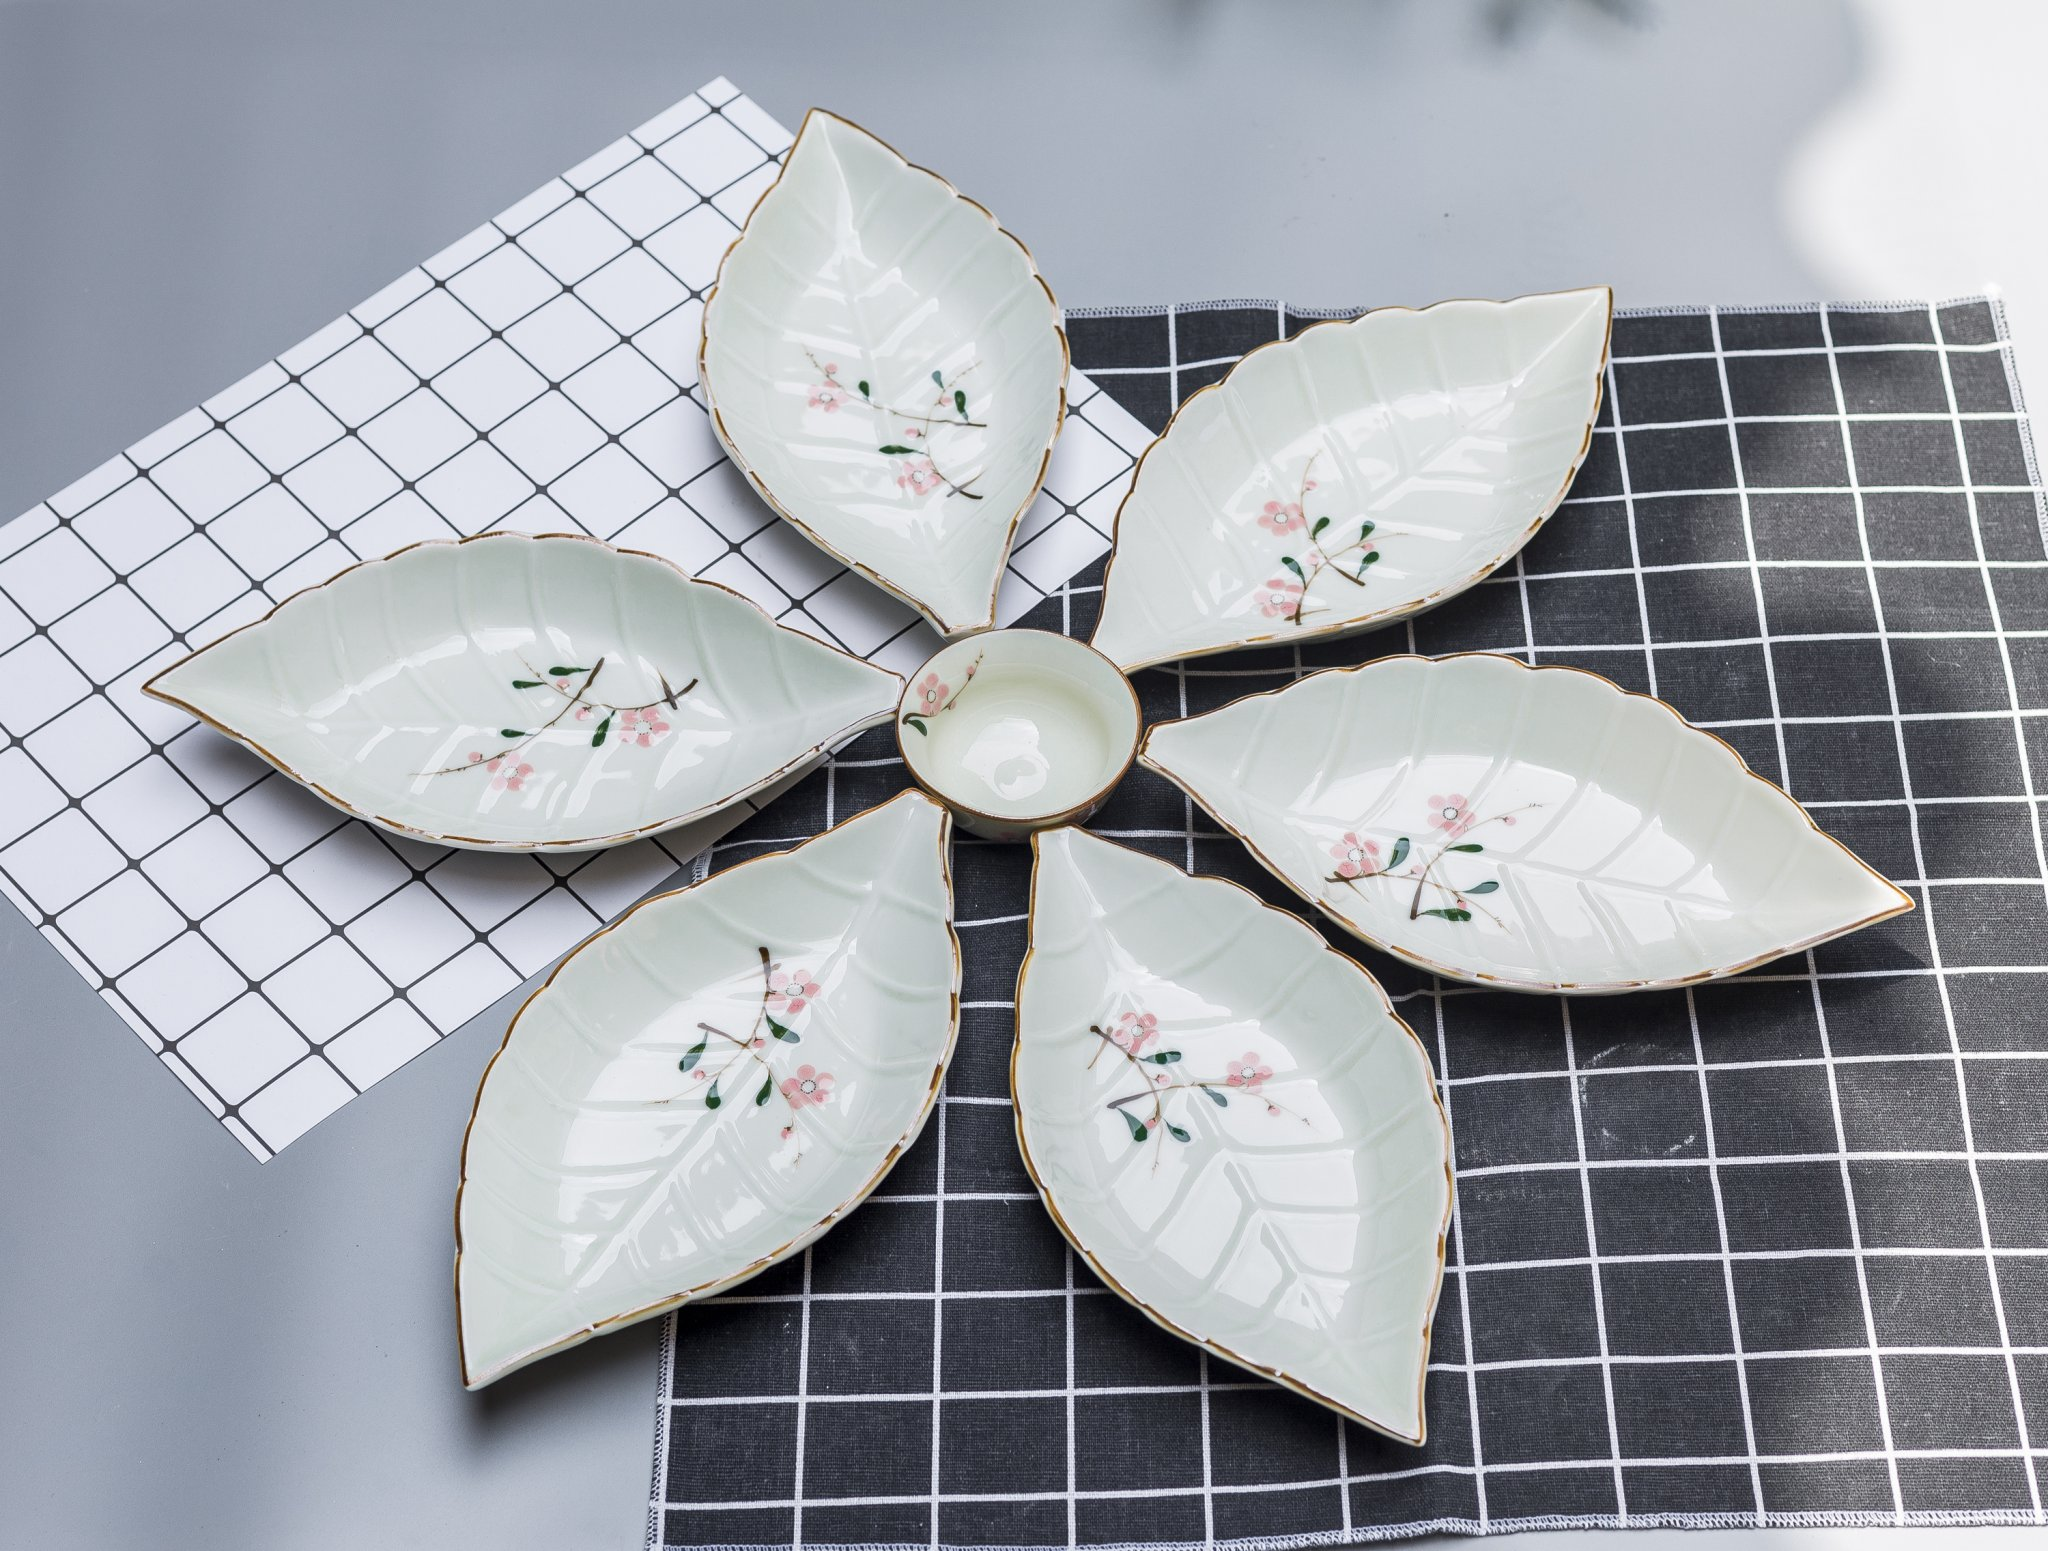 Bộ đĩa ăn vẽ hoa đào hồng gốm sứ Bát Tràng